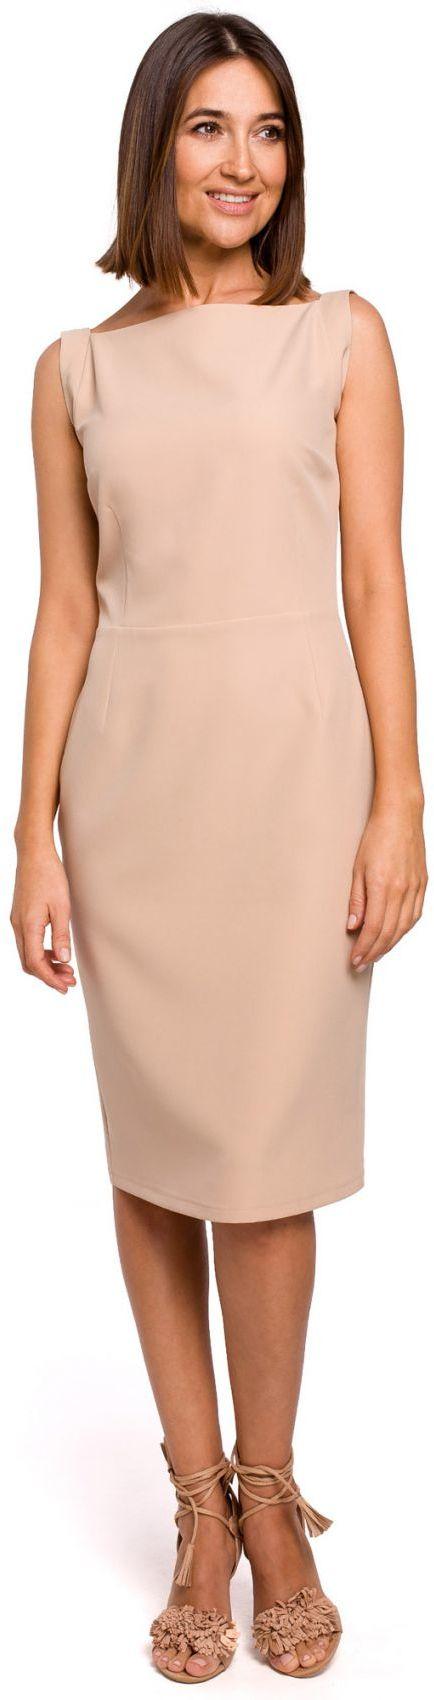 S216 Sukienka ołówkowa bez rękawów - beżowa